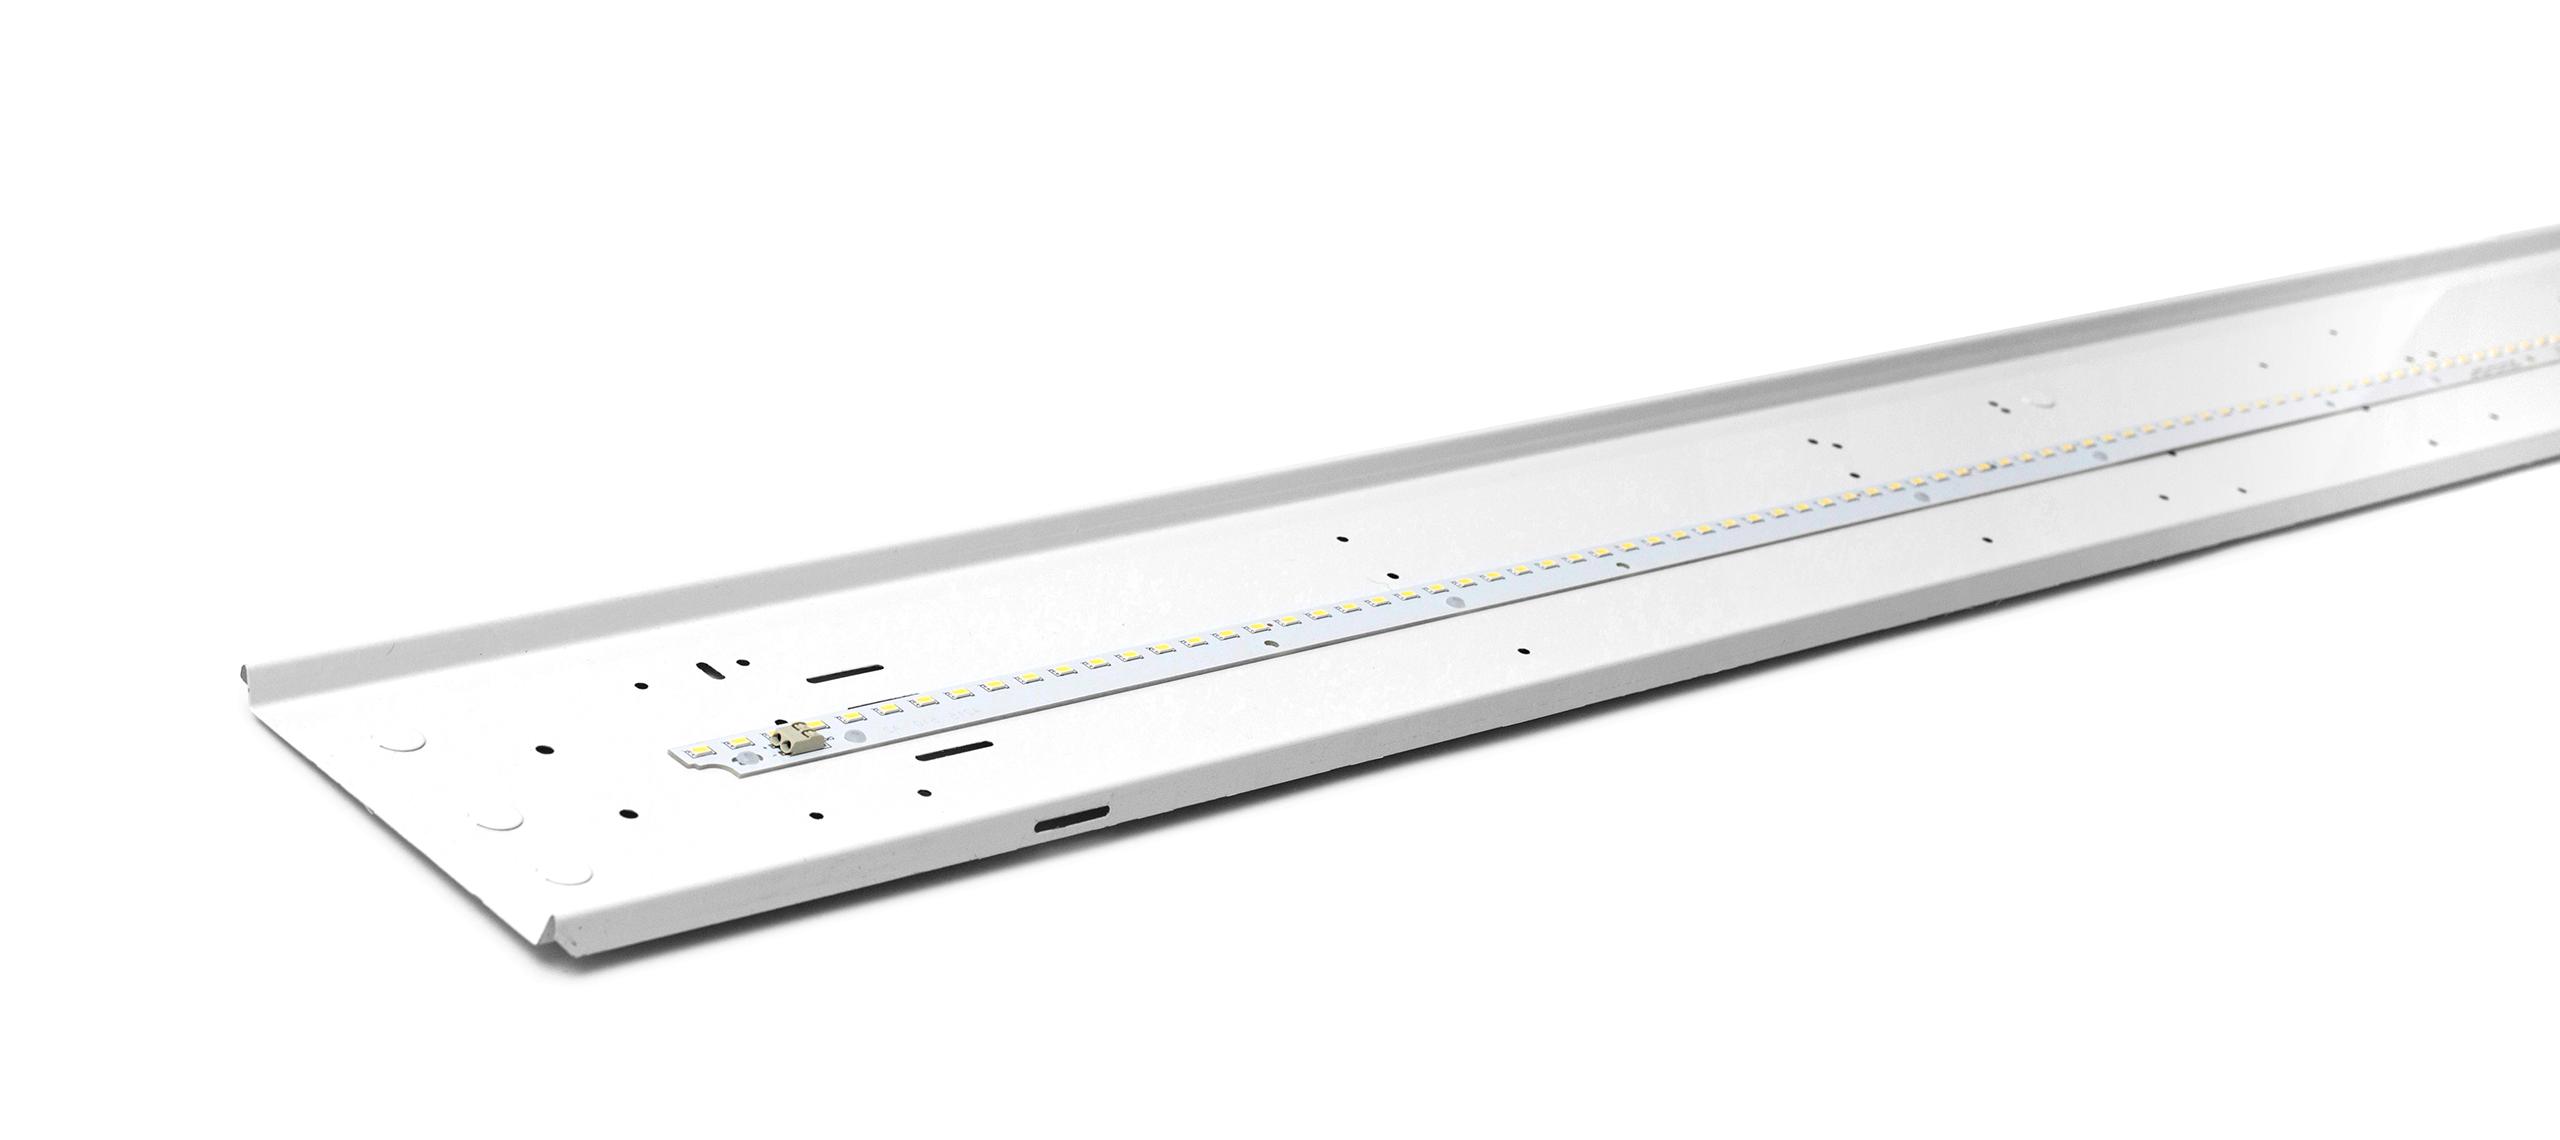 LED armatur, LED projektør og LED projektører